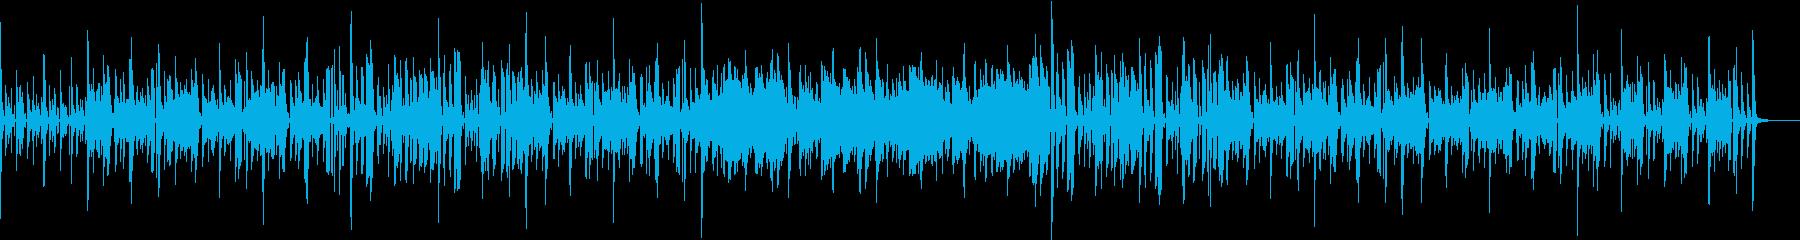 SEQとFunkなBassの怪しげな曲の再生済みの波形